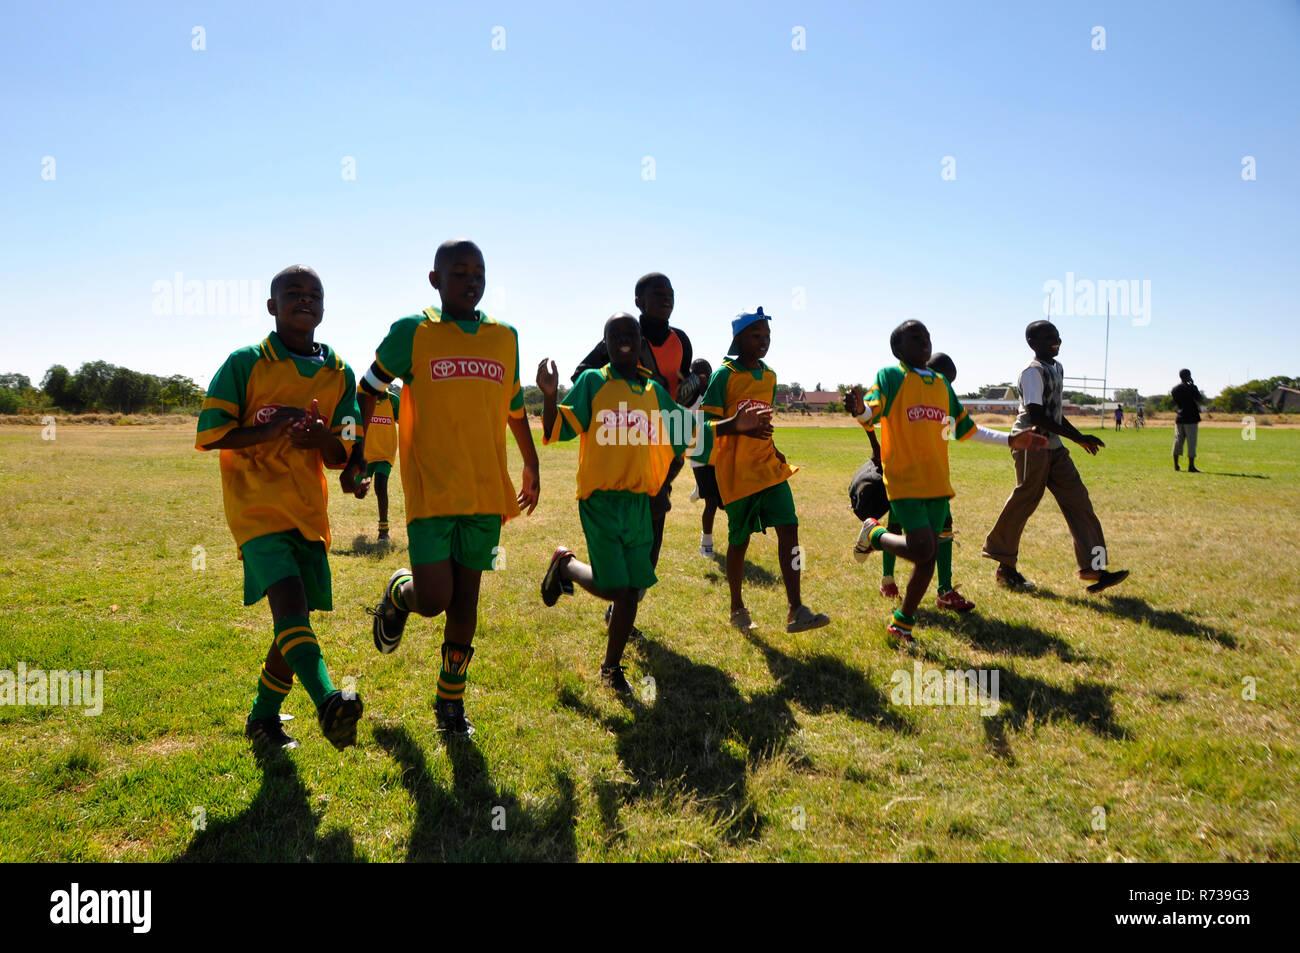 Jugendliche namibische Fussballer beim Aufwärmen. Young namibian footballers. Sport fördert den Teamgeist und erhöht die Leistungsbereitschaft. - Stock Image